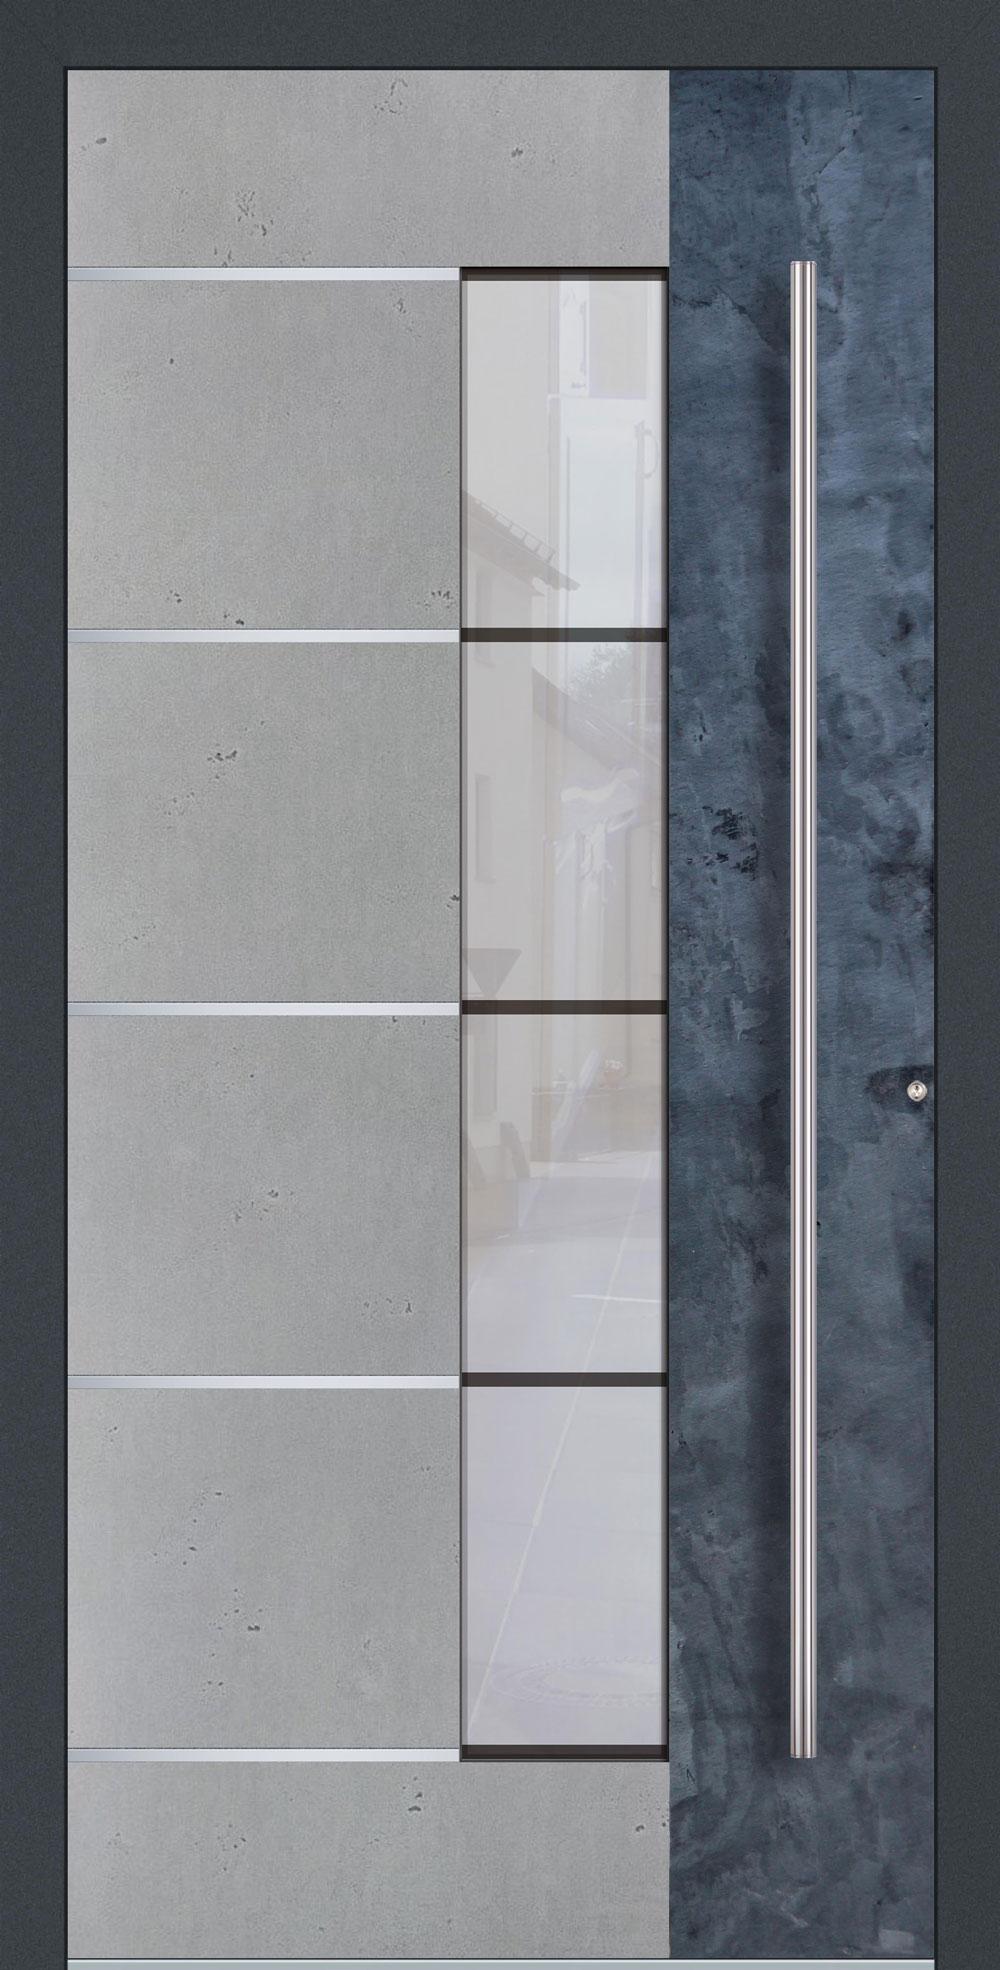 BESG01 ISO-Wärmeschutzverglasung Float mattiert mit klaren Streifen Betonoptik Vintage mit Echtschiefer- Applikation & Streifen in Edelstahl-Optik einseitig außen Anwendungsbeispiel in flügelüberdeckend, Edelstahlgriff 1600 ES